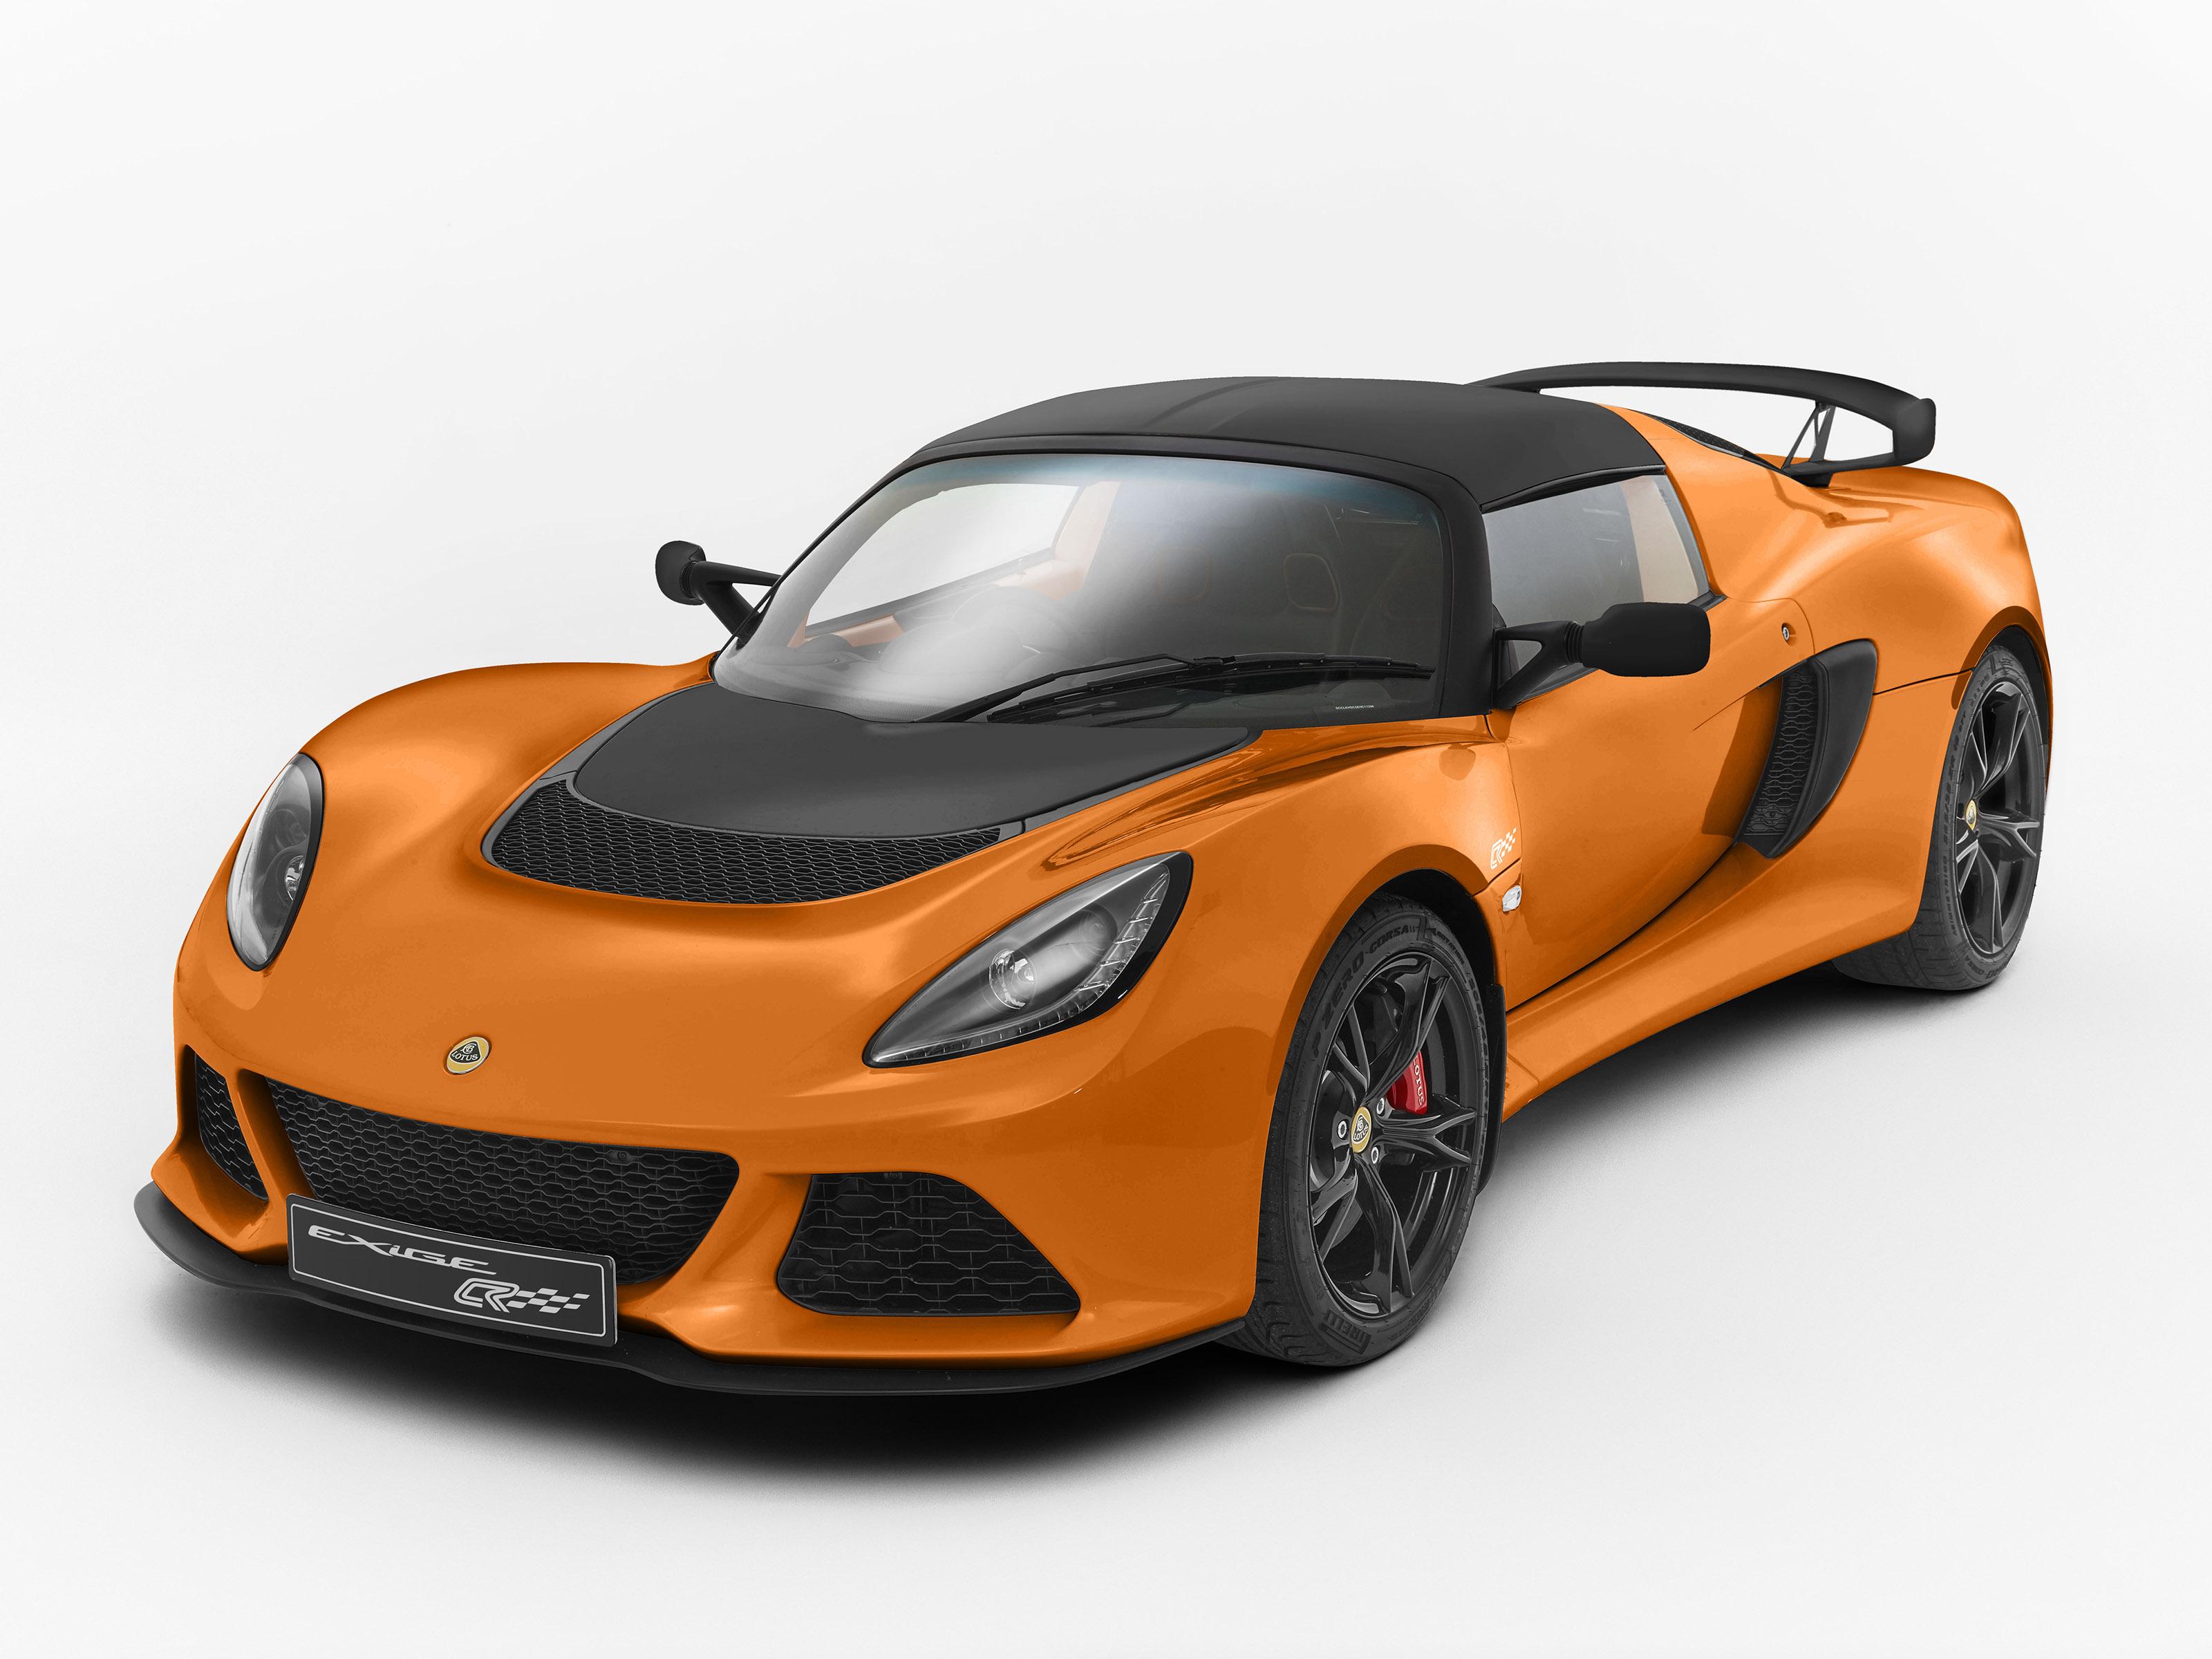 2015 Lotus Exige S Club Racer